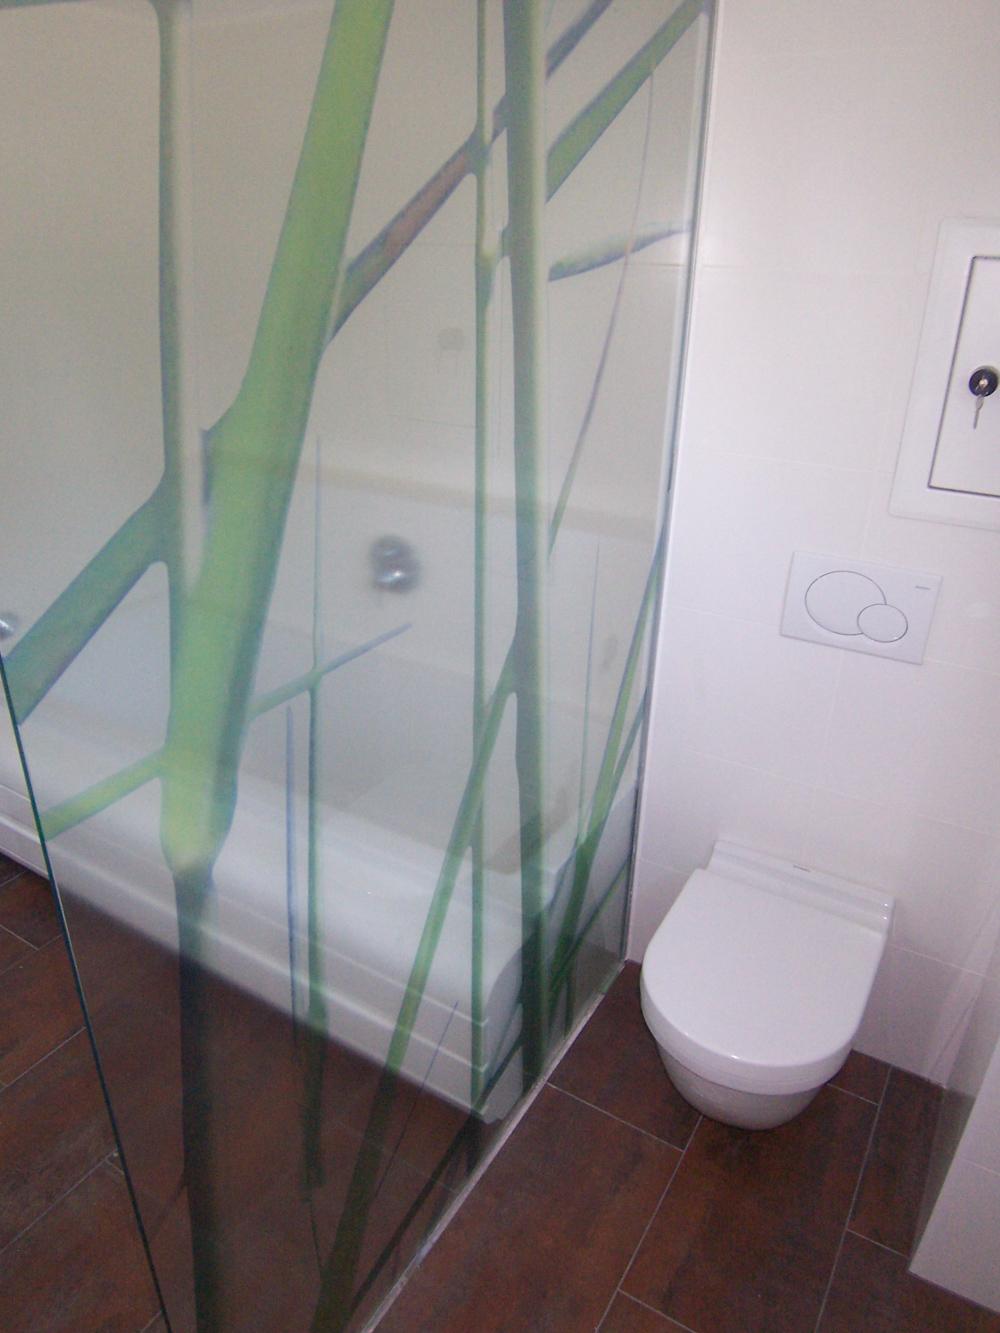 Bild des Bades mit integriertem Möbeldesign (Toilette & Dusche) von einem Einfamilienhaus das von Architekten geplant wurde